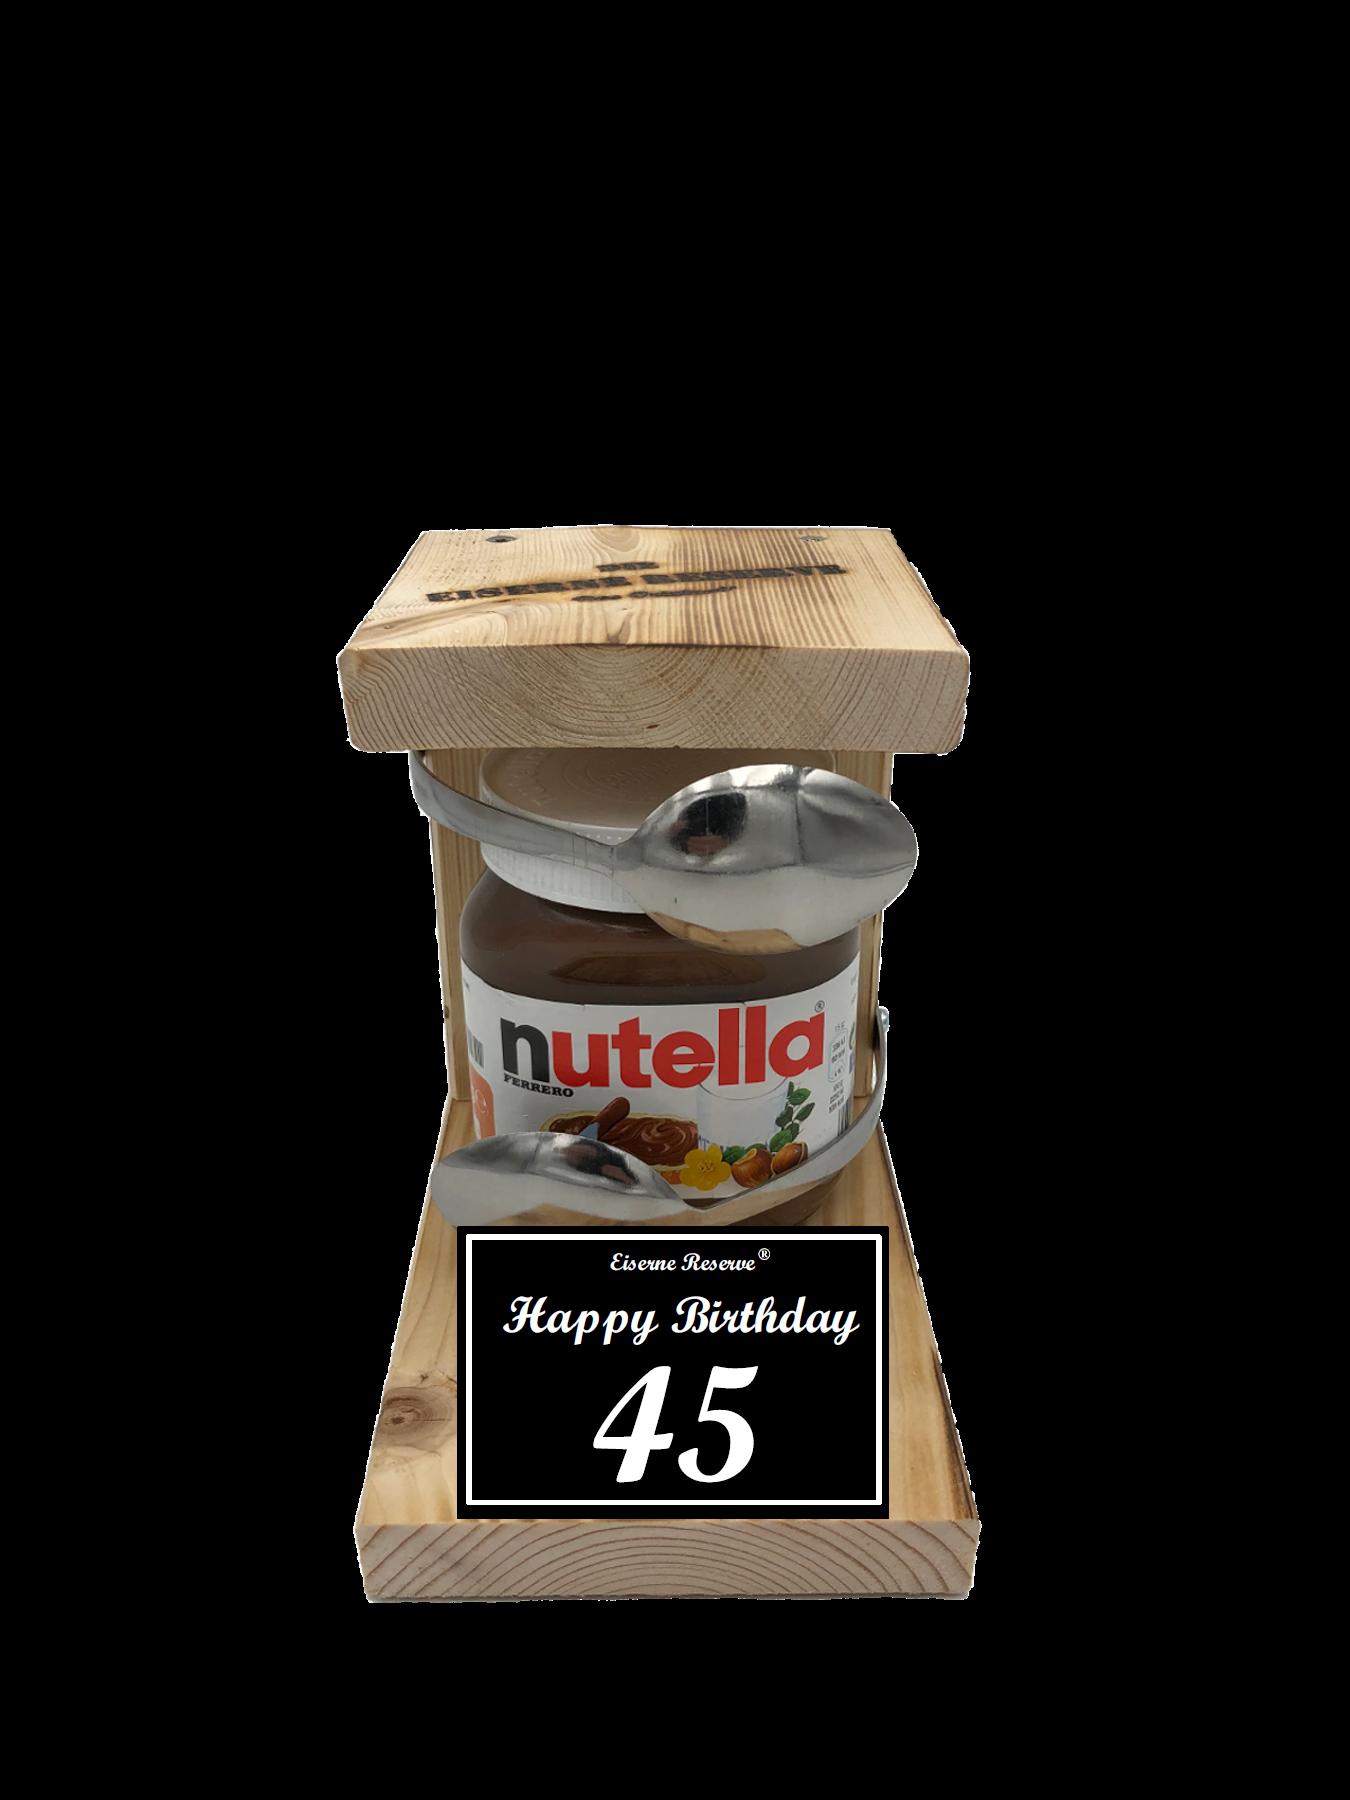 45 Happy Birthday Löffel Nutella Geschenk - Die Nutella Geschenkidee